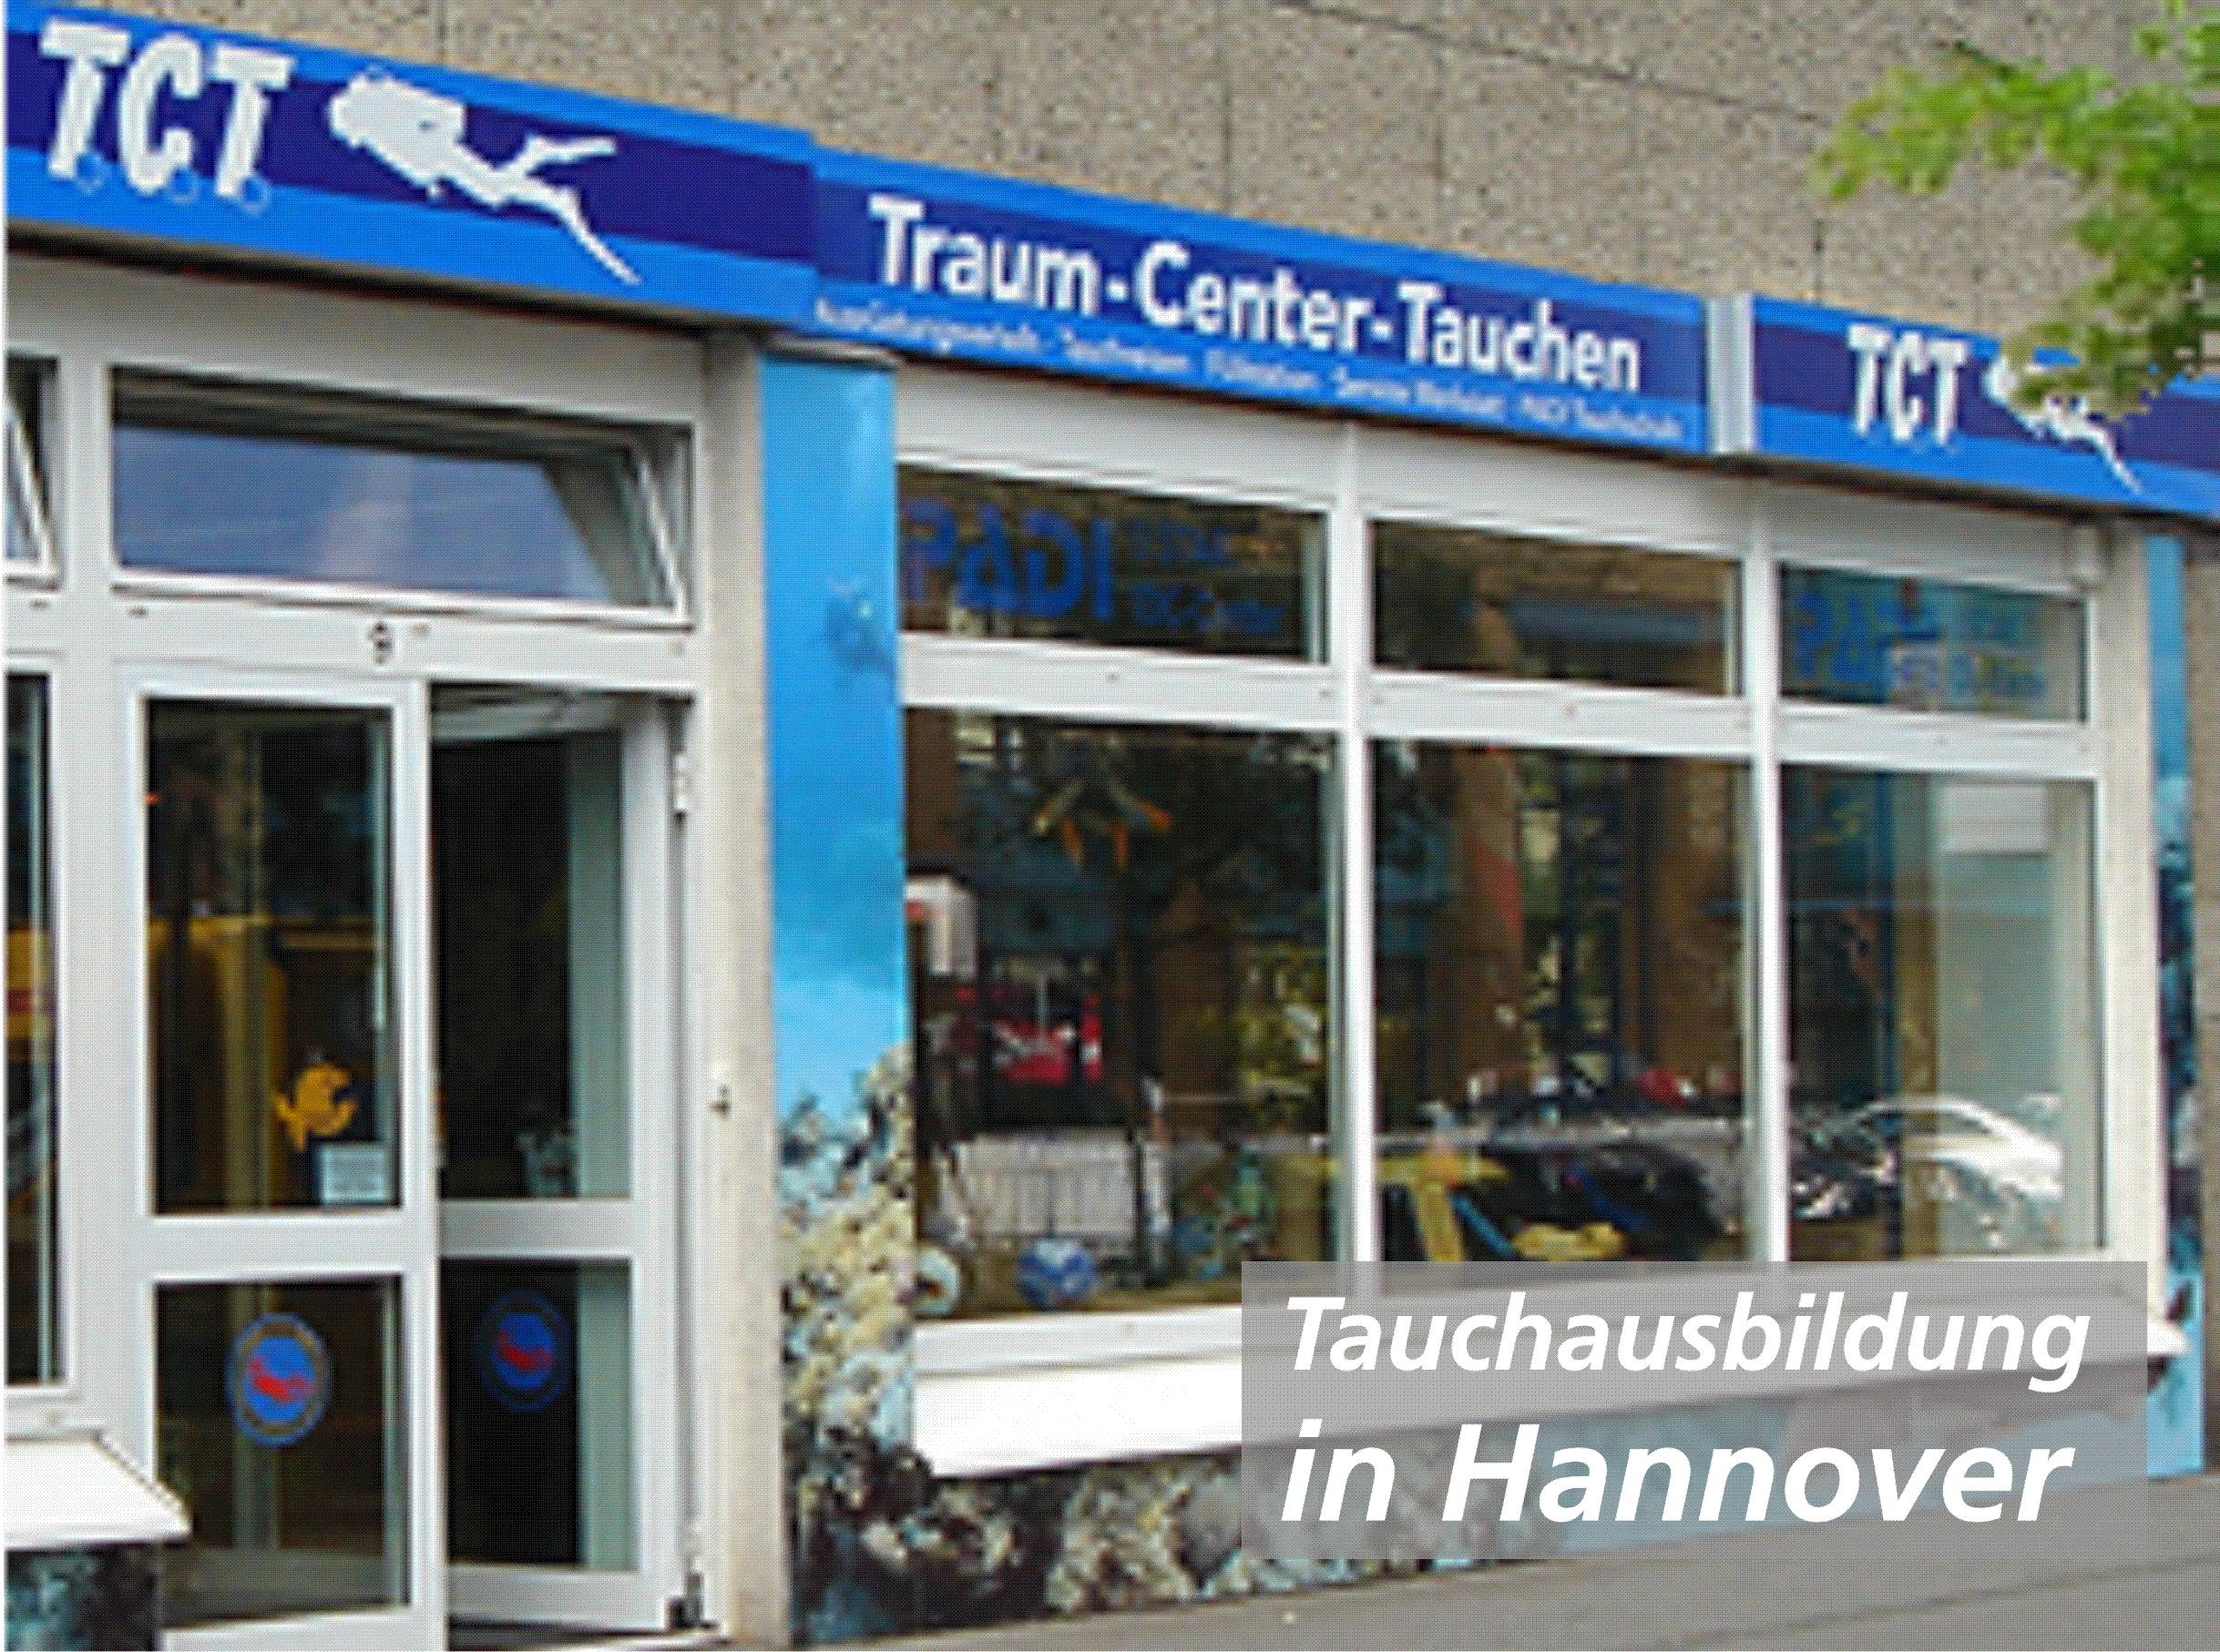 Traum-Center-Tauchen (Hannover)